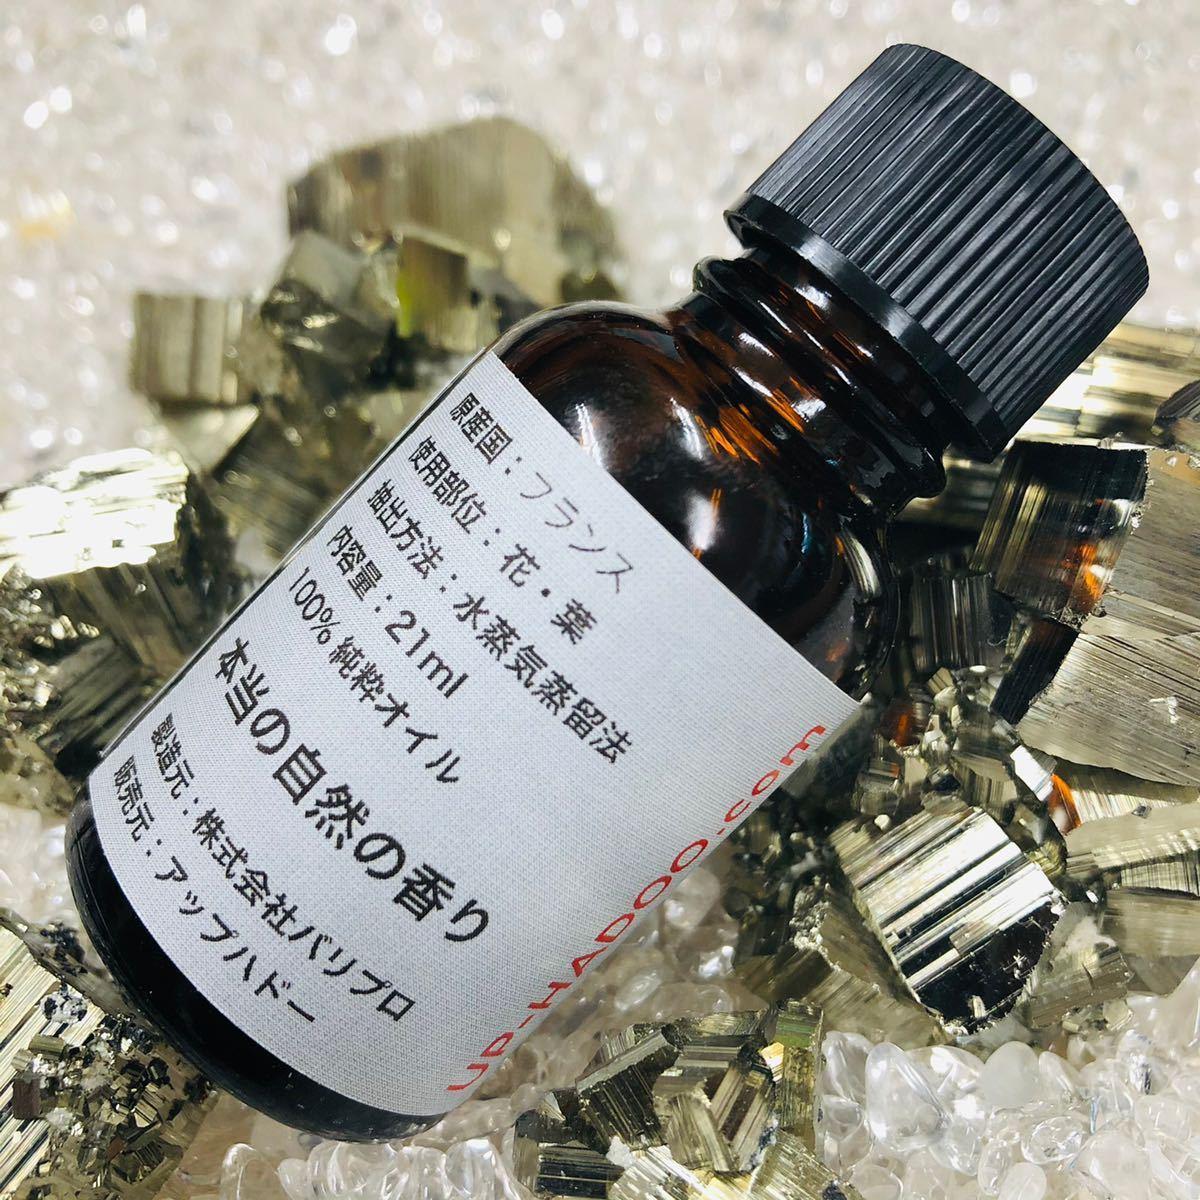 純粋ラベンダー 21ml エッセンシャルオイル フランス産 UP HADOO 精油 アロマオイル